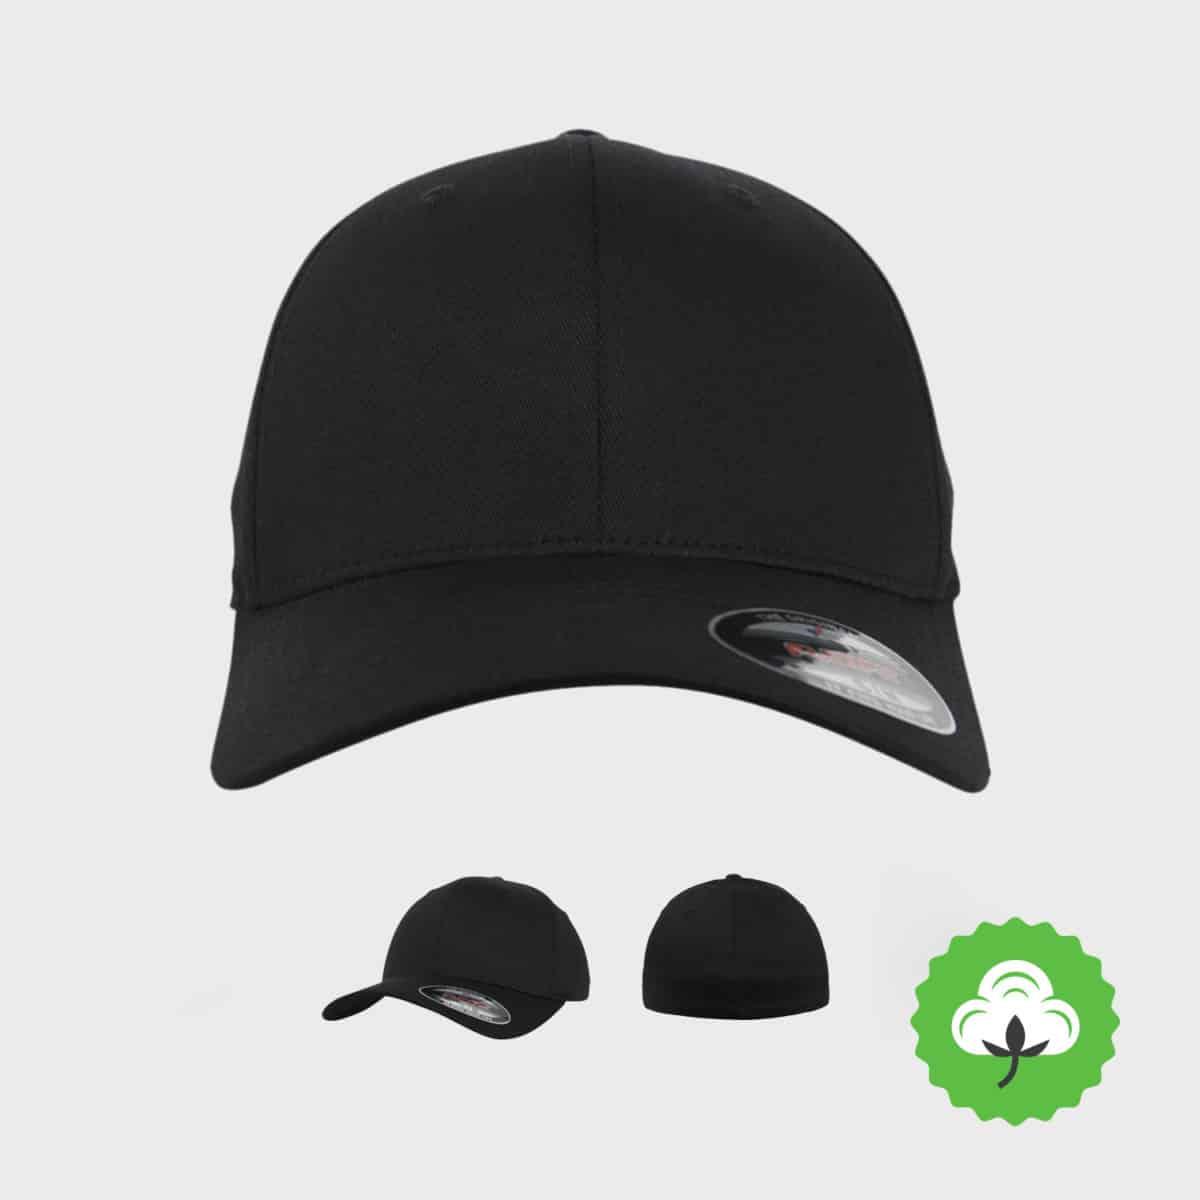 Bio-Cap-Flexfit-besticken-lassen-StickManufaktur